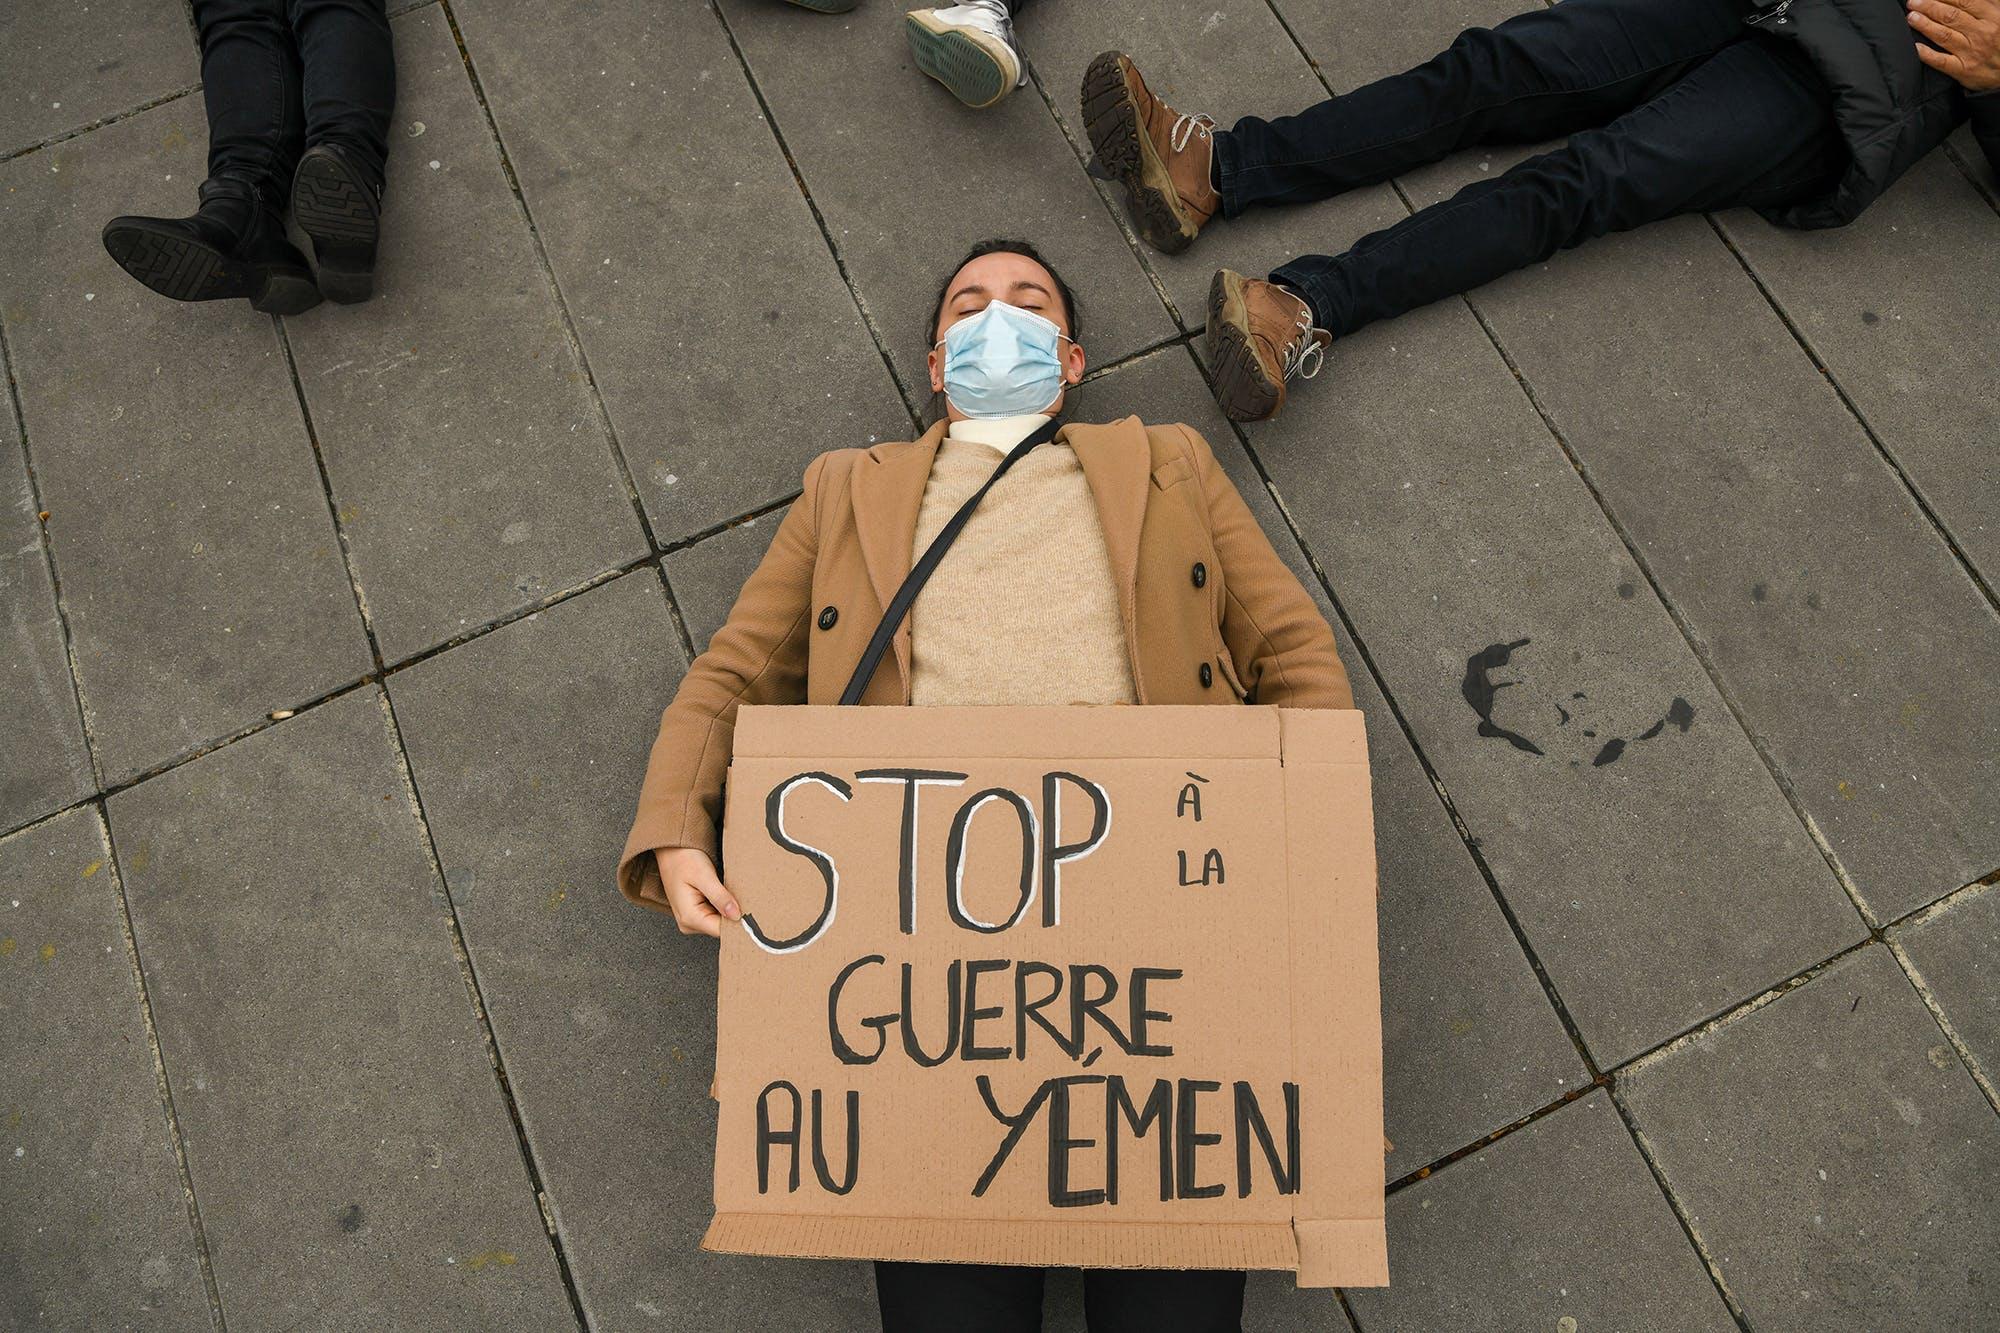 Mobilisation sur la place de la République pour le sixième anniversaire du conflit au Yémen, 25 mars 2021